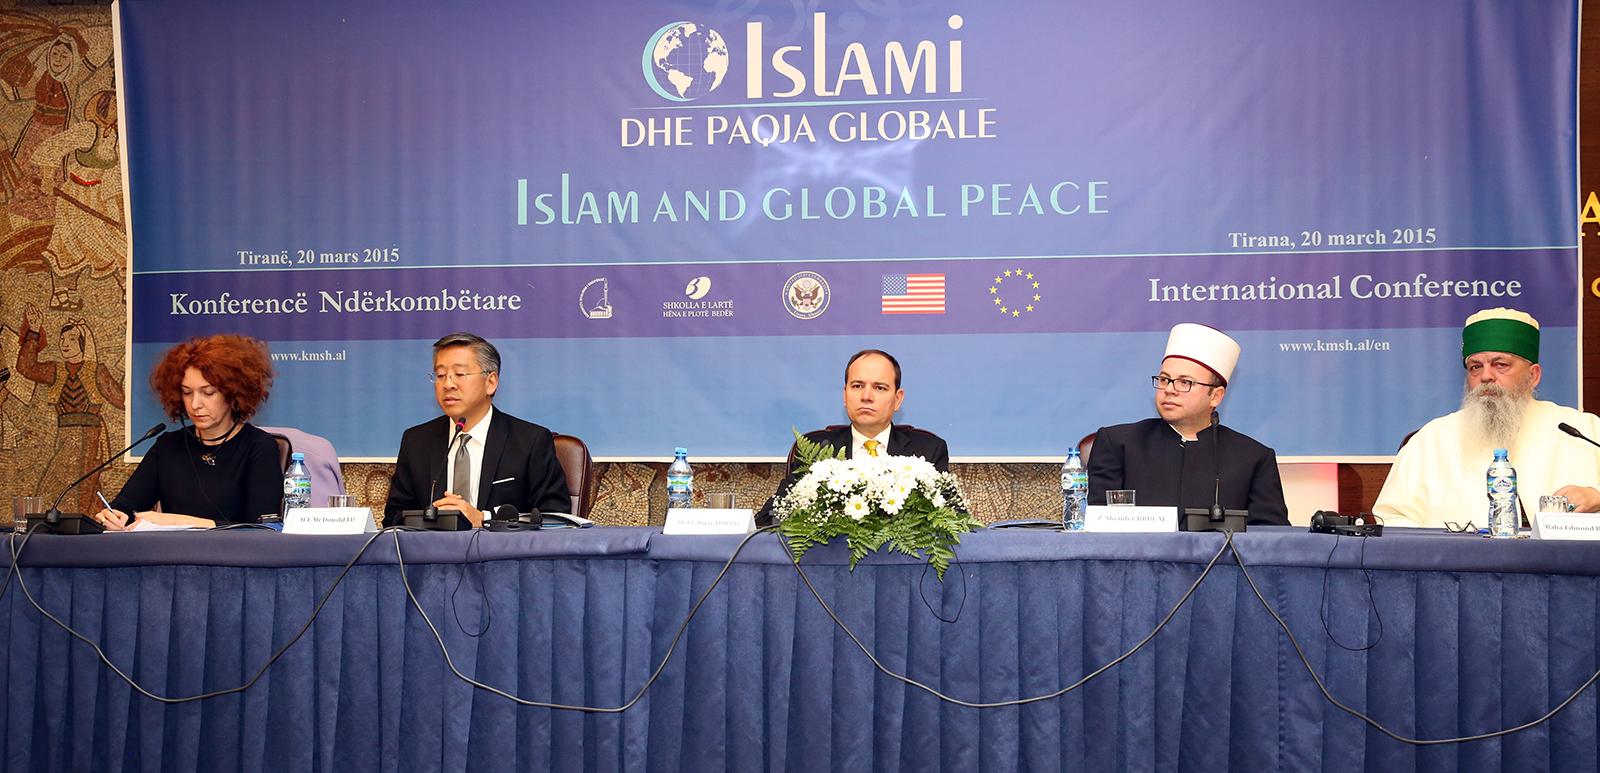 Konferencë ndërkombëtare për Islamin dhe paqen globale